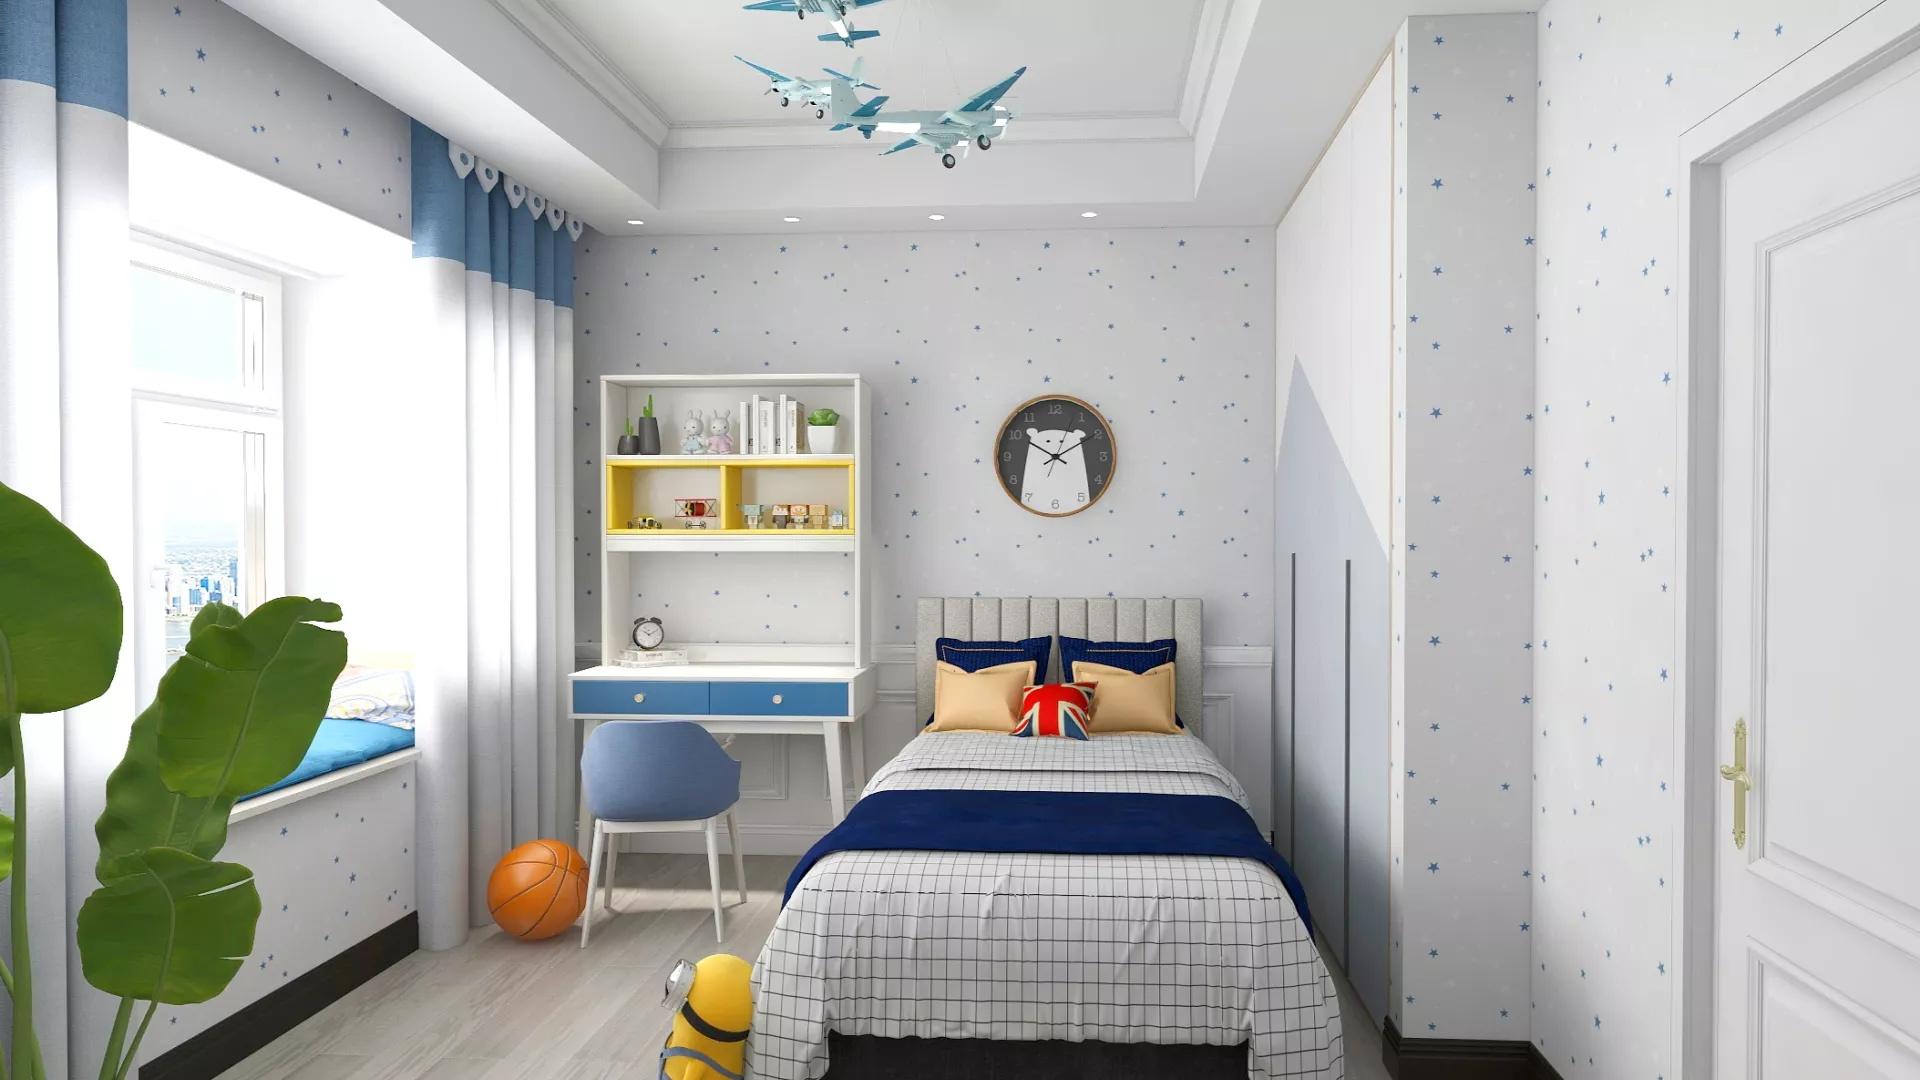 58㎡小户型实用清新客厅装修效果图